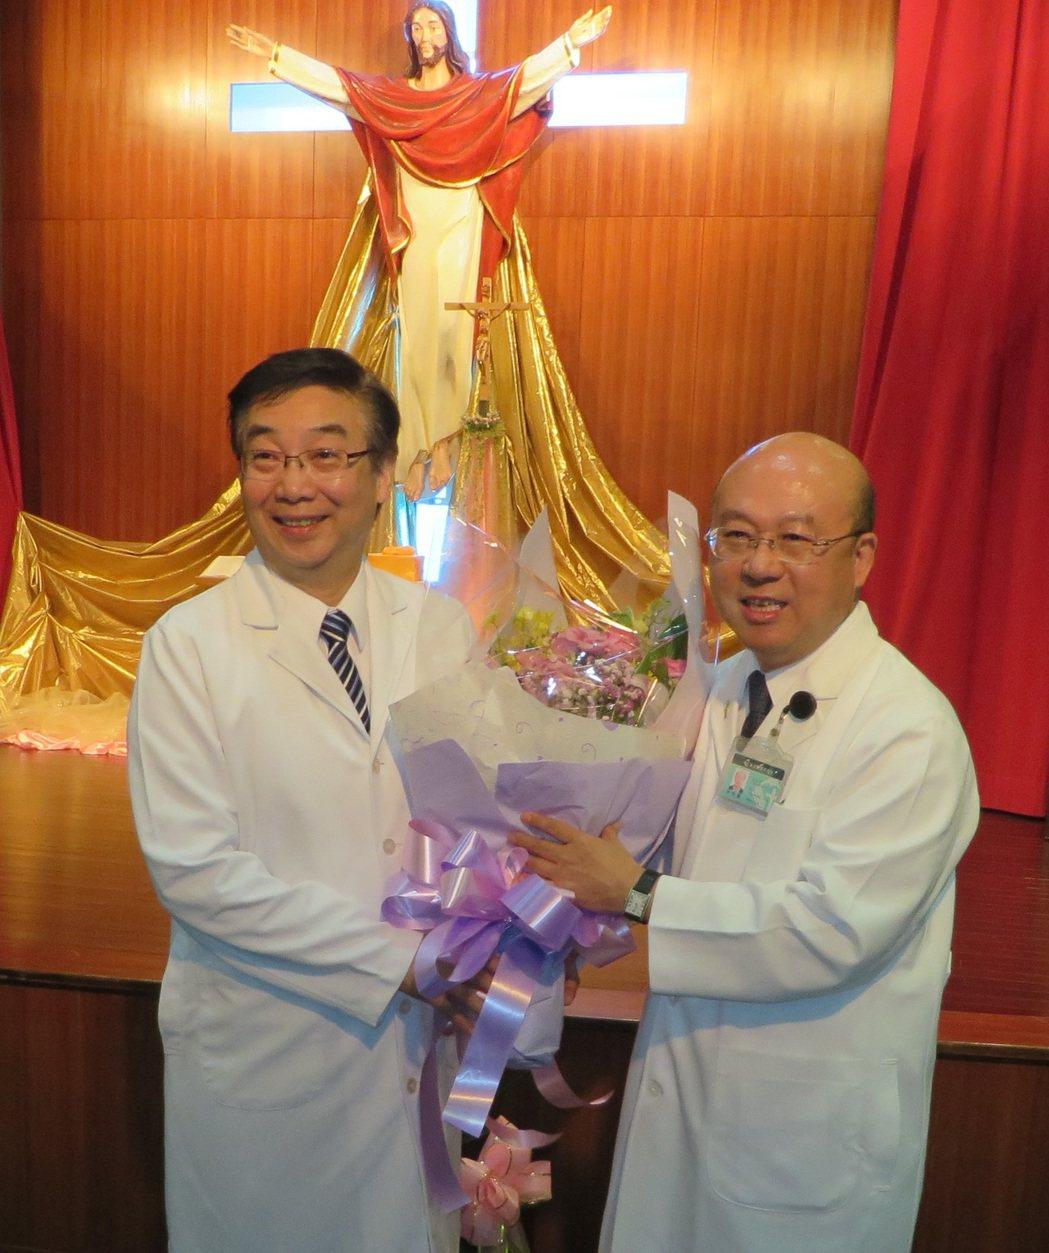 耕莘新任院長林恒毅(右)代表全院贈花給前院長馬漢光。